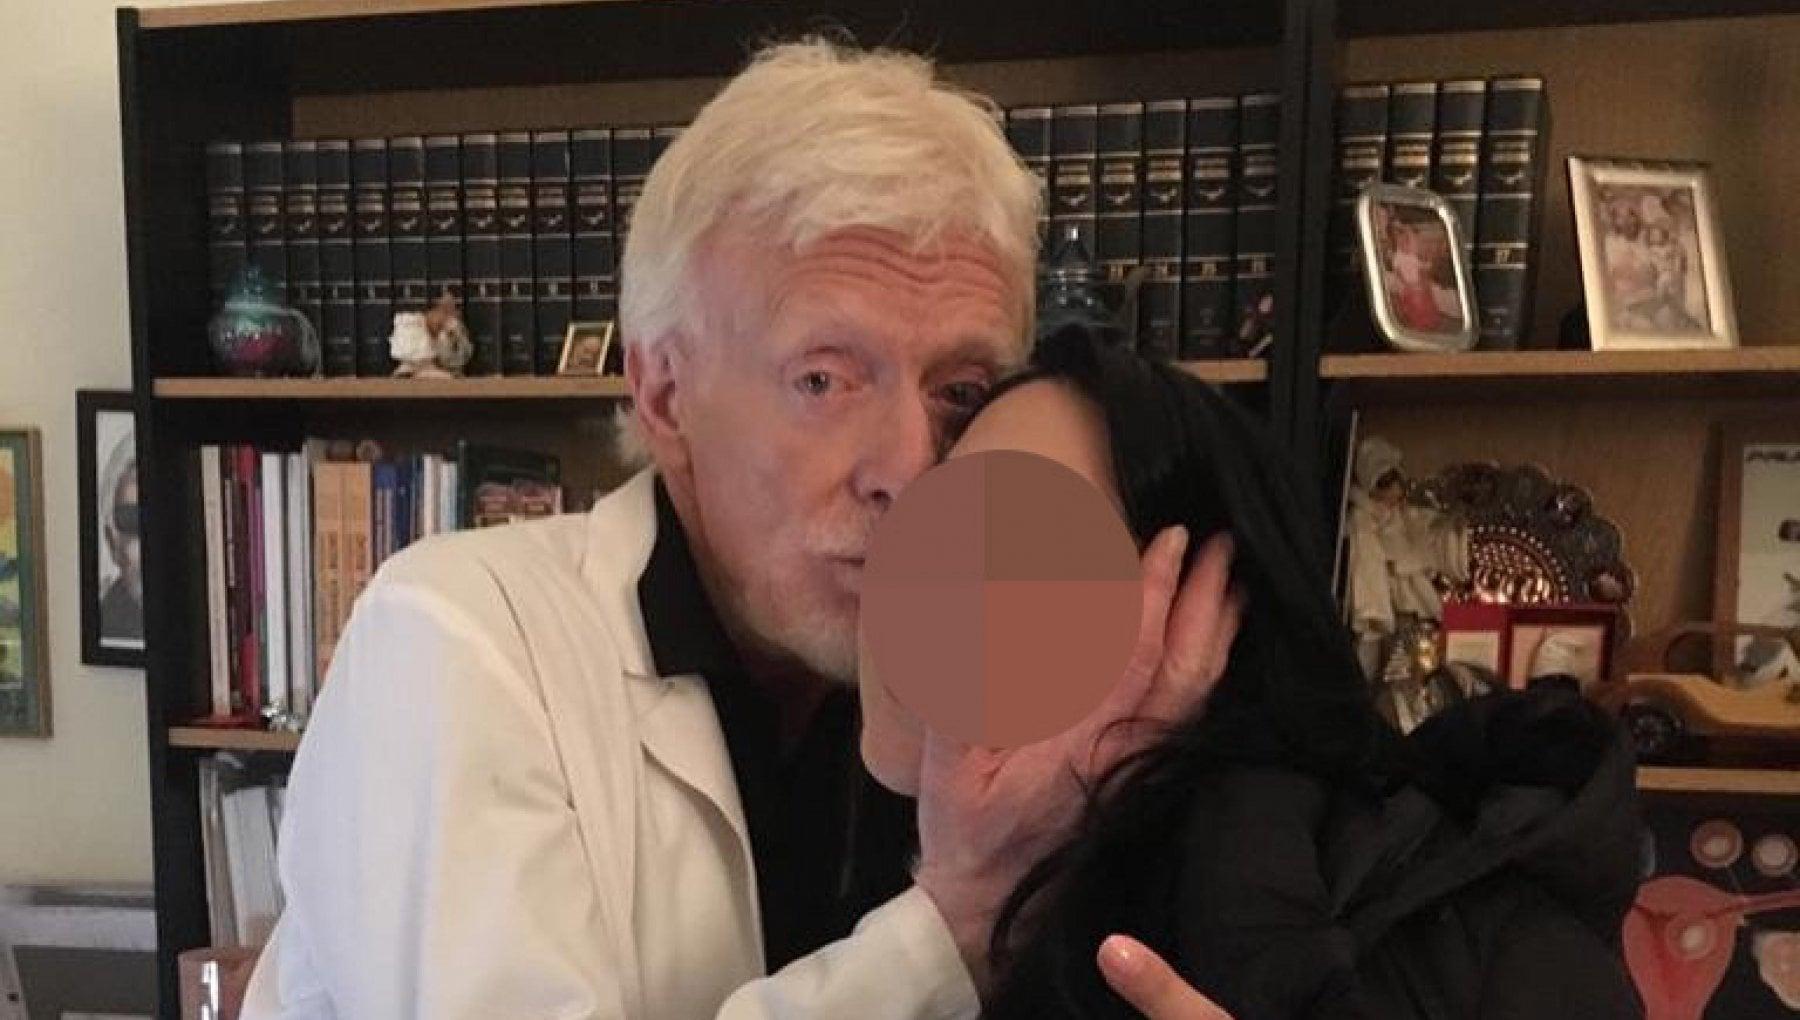 Delitto Ansaldi un appuntamento con lassassino per il medico accoltellato a Milano investigatori vicini alla svolta